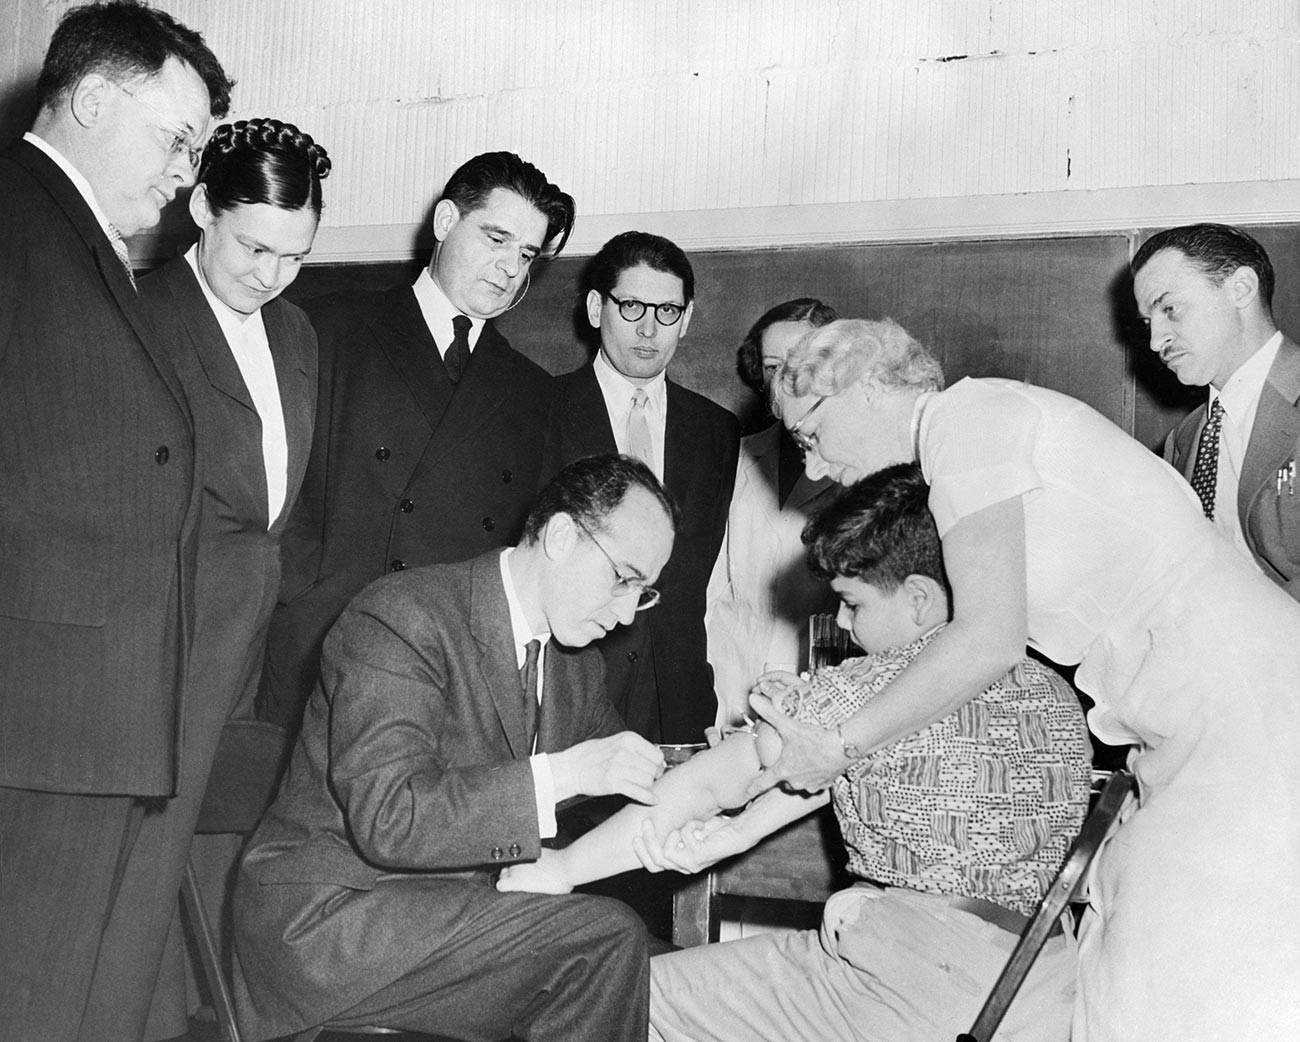 Ilmuwan Rusia yang mengunjungi AS menyaksikan Dr. Jonas Salk memberikan suntikan vaksin antipolio kepada kepada seorang anak.